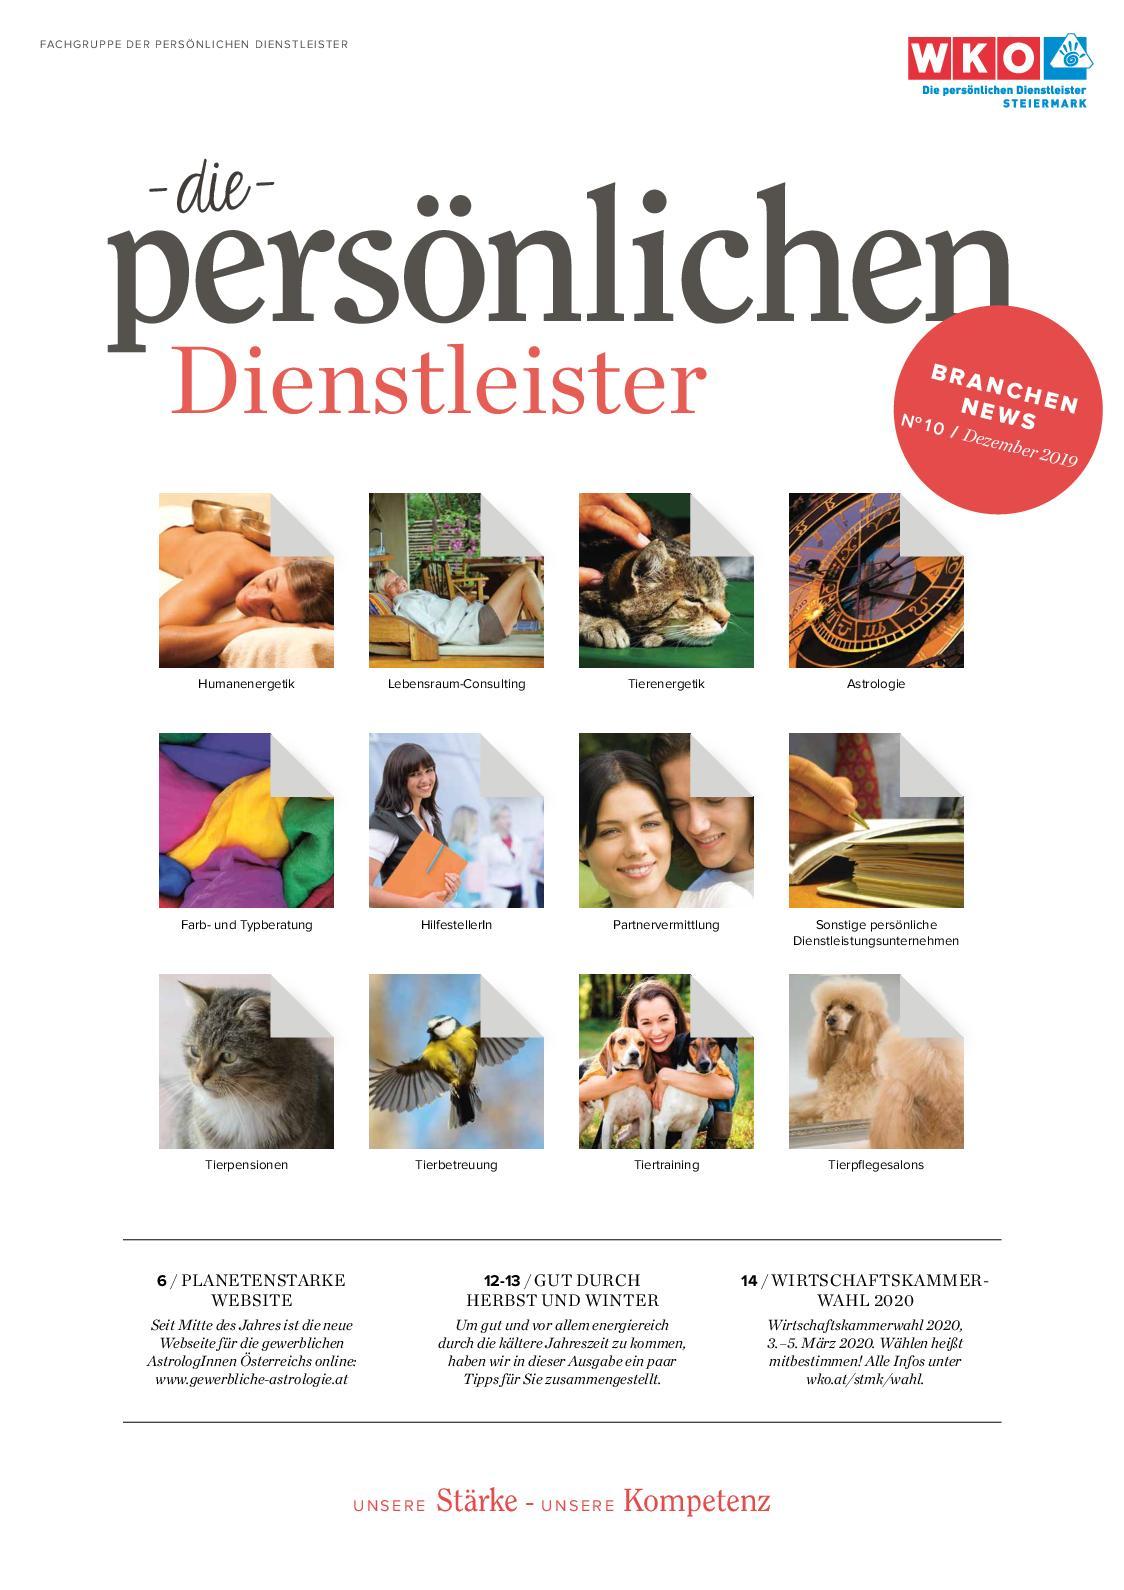 Partnervermittlung in Graz & Steiermark - Partner finden